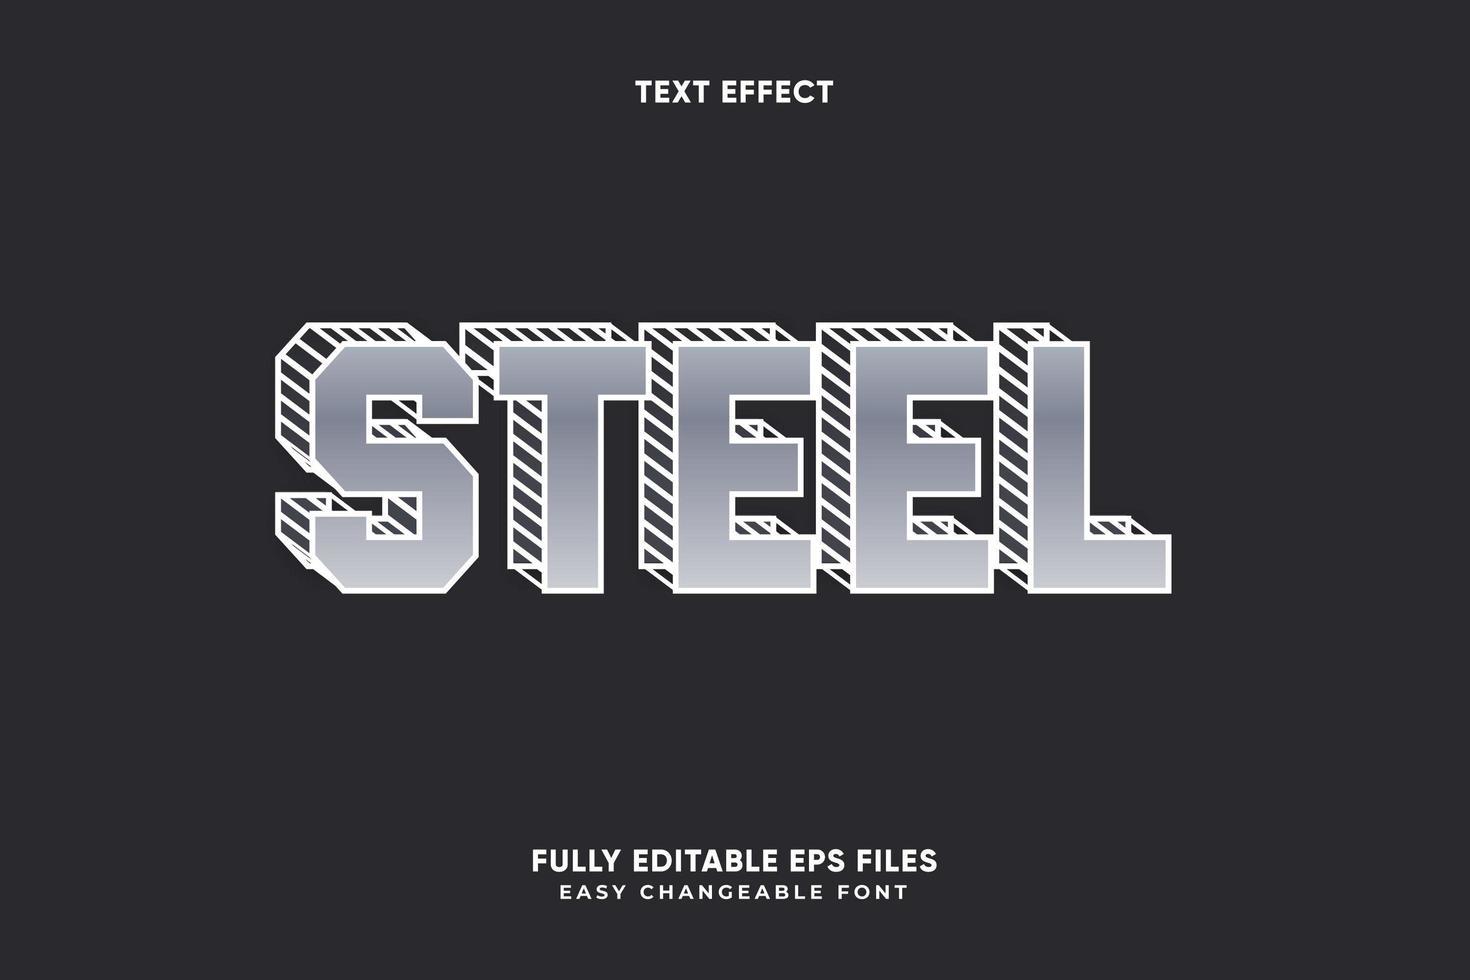 effetto testo modificabile in acciaio vettore